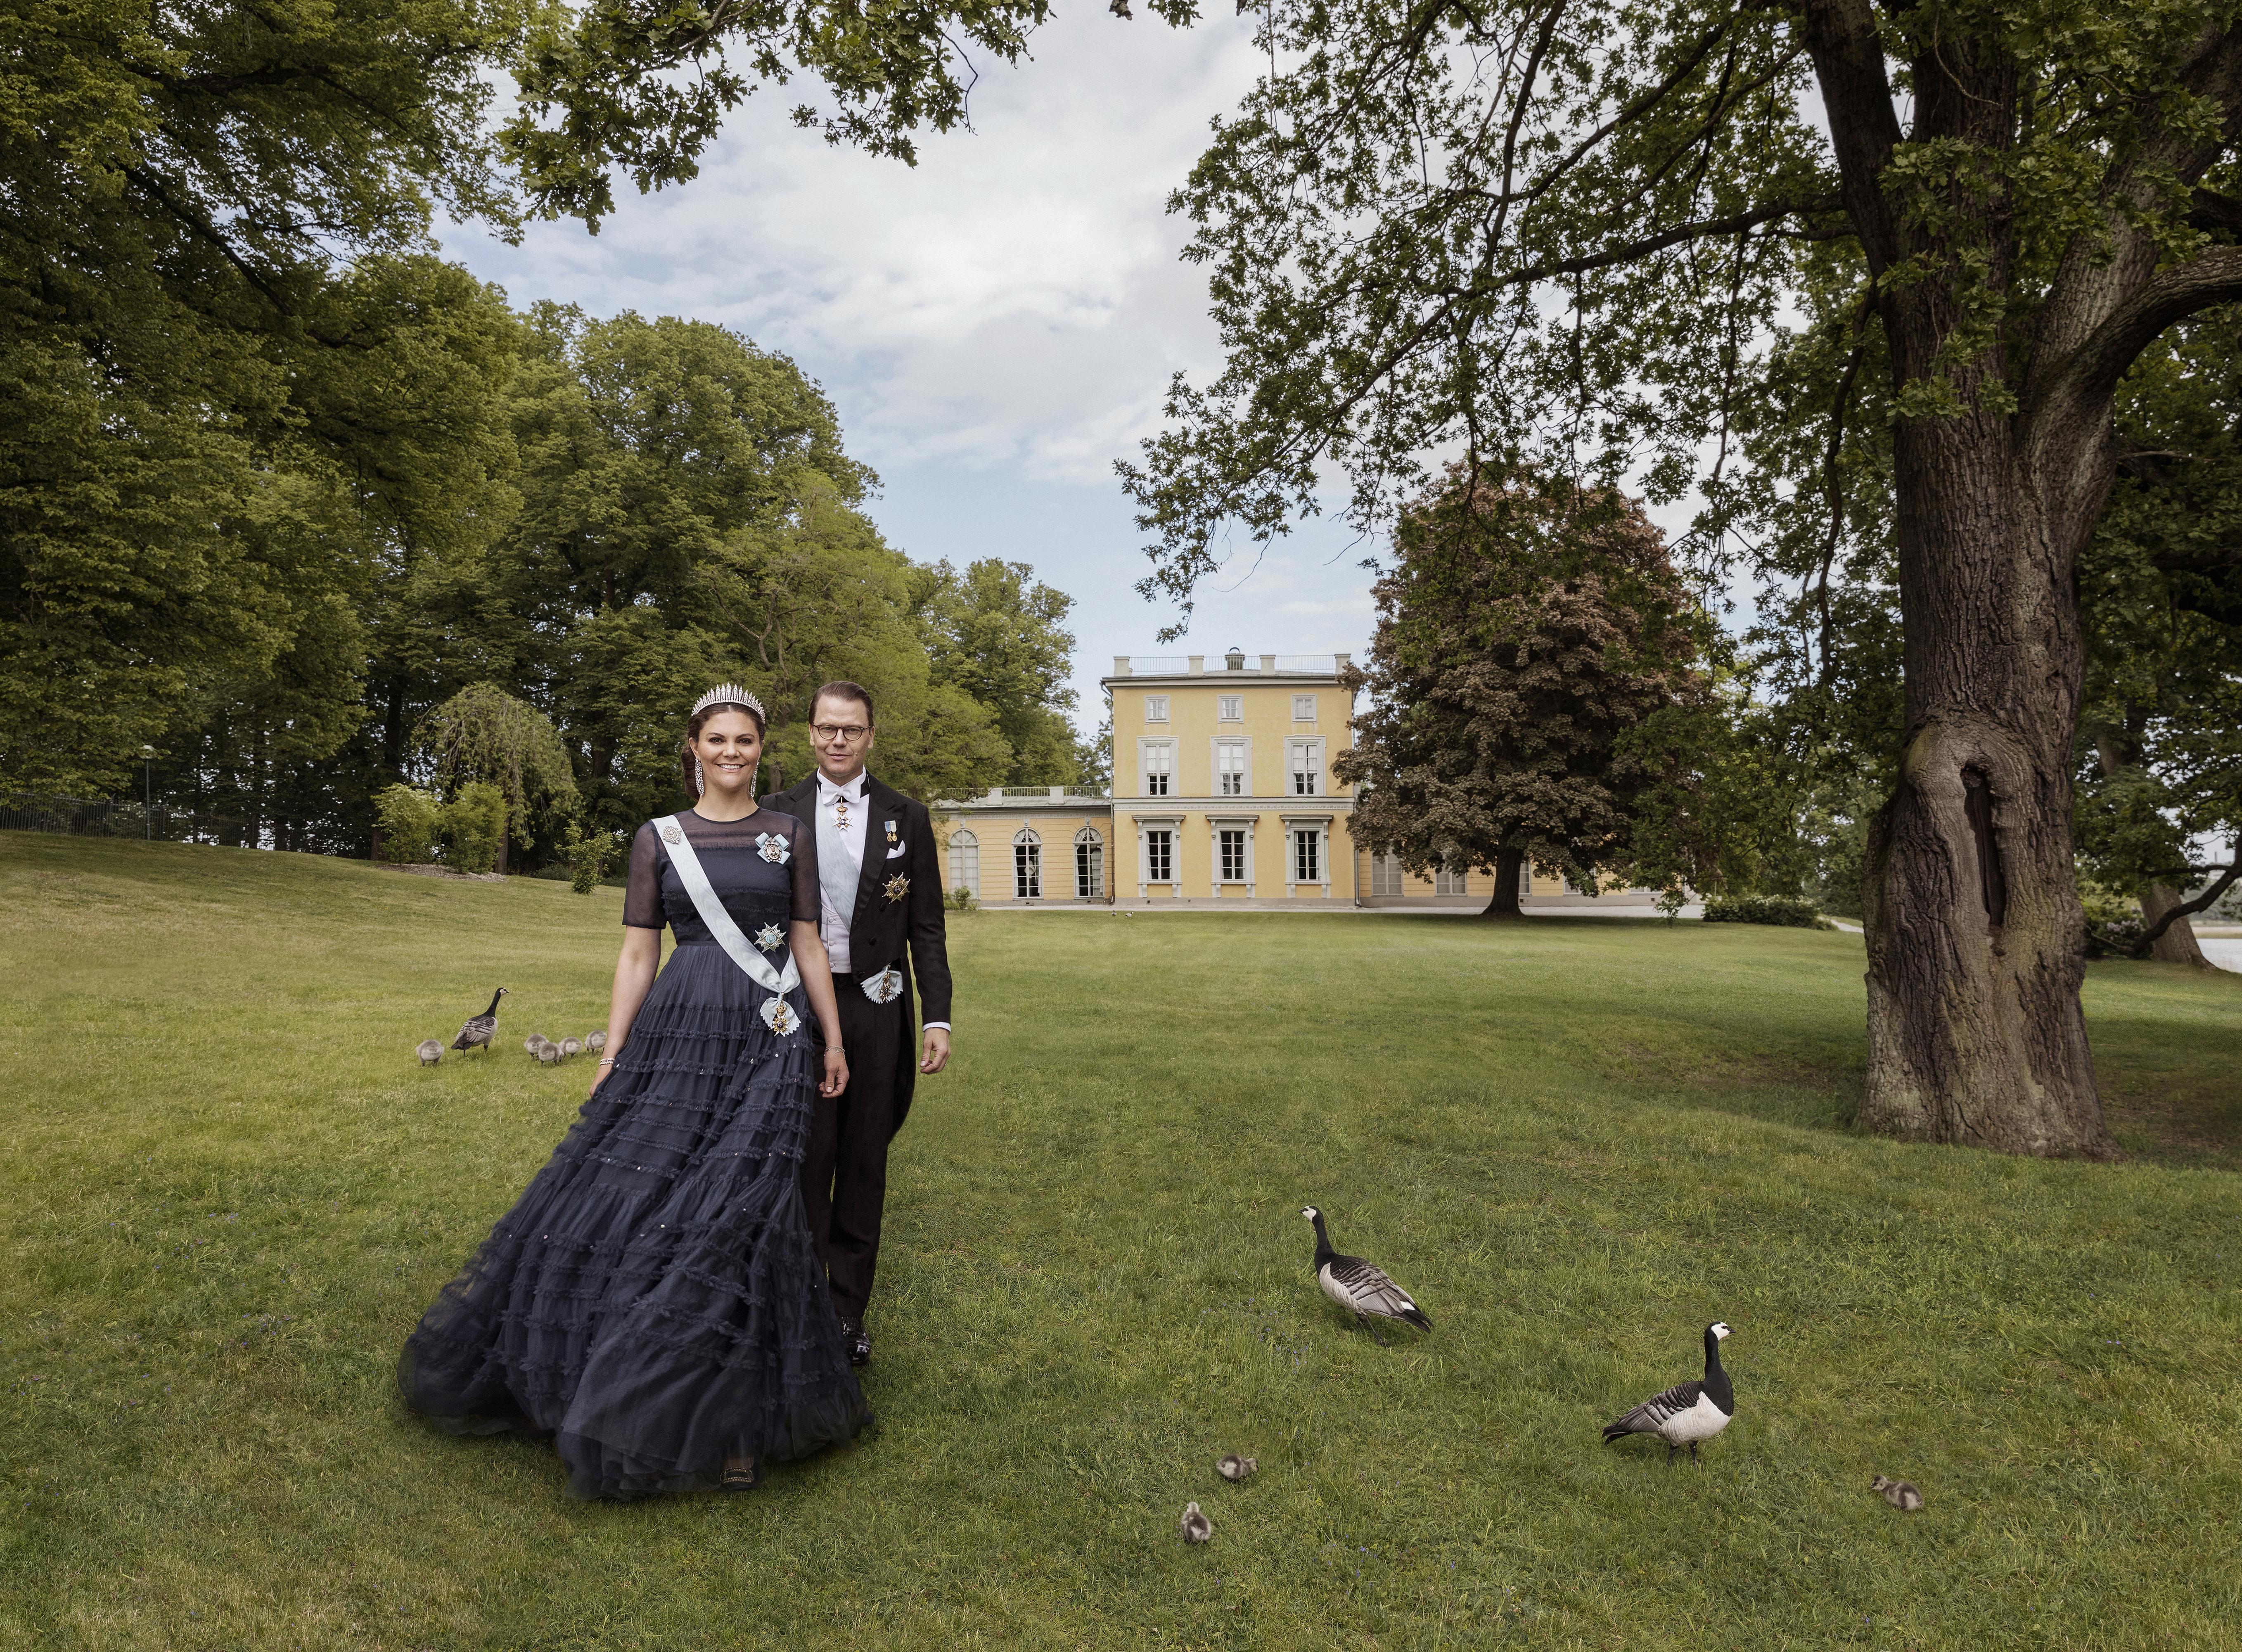 Kronprinzessin Victoria und Prinz Daniel vor Schloss Haga